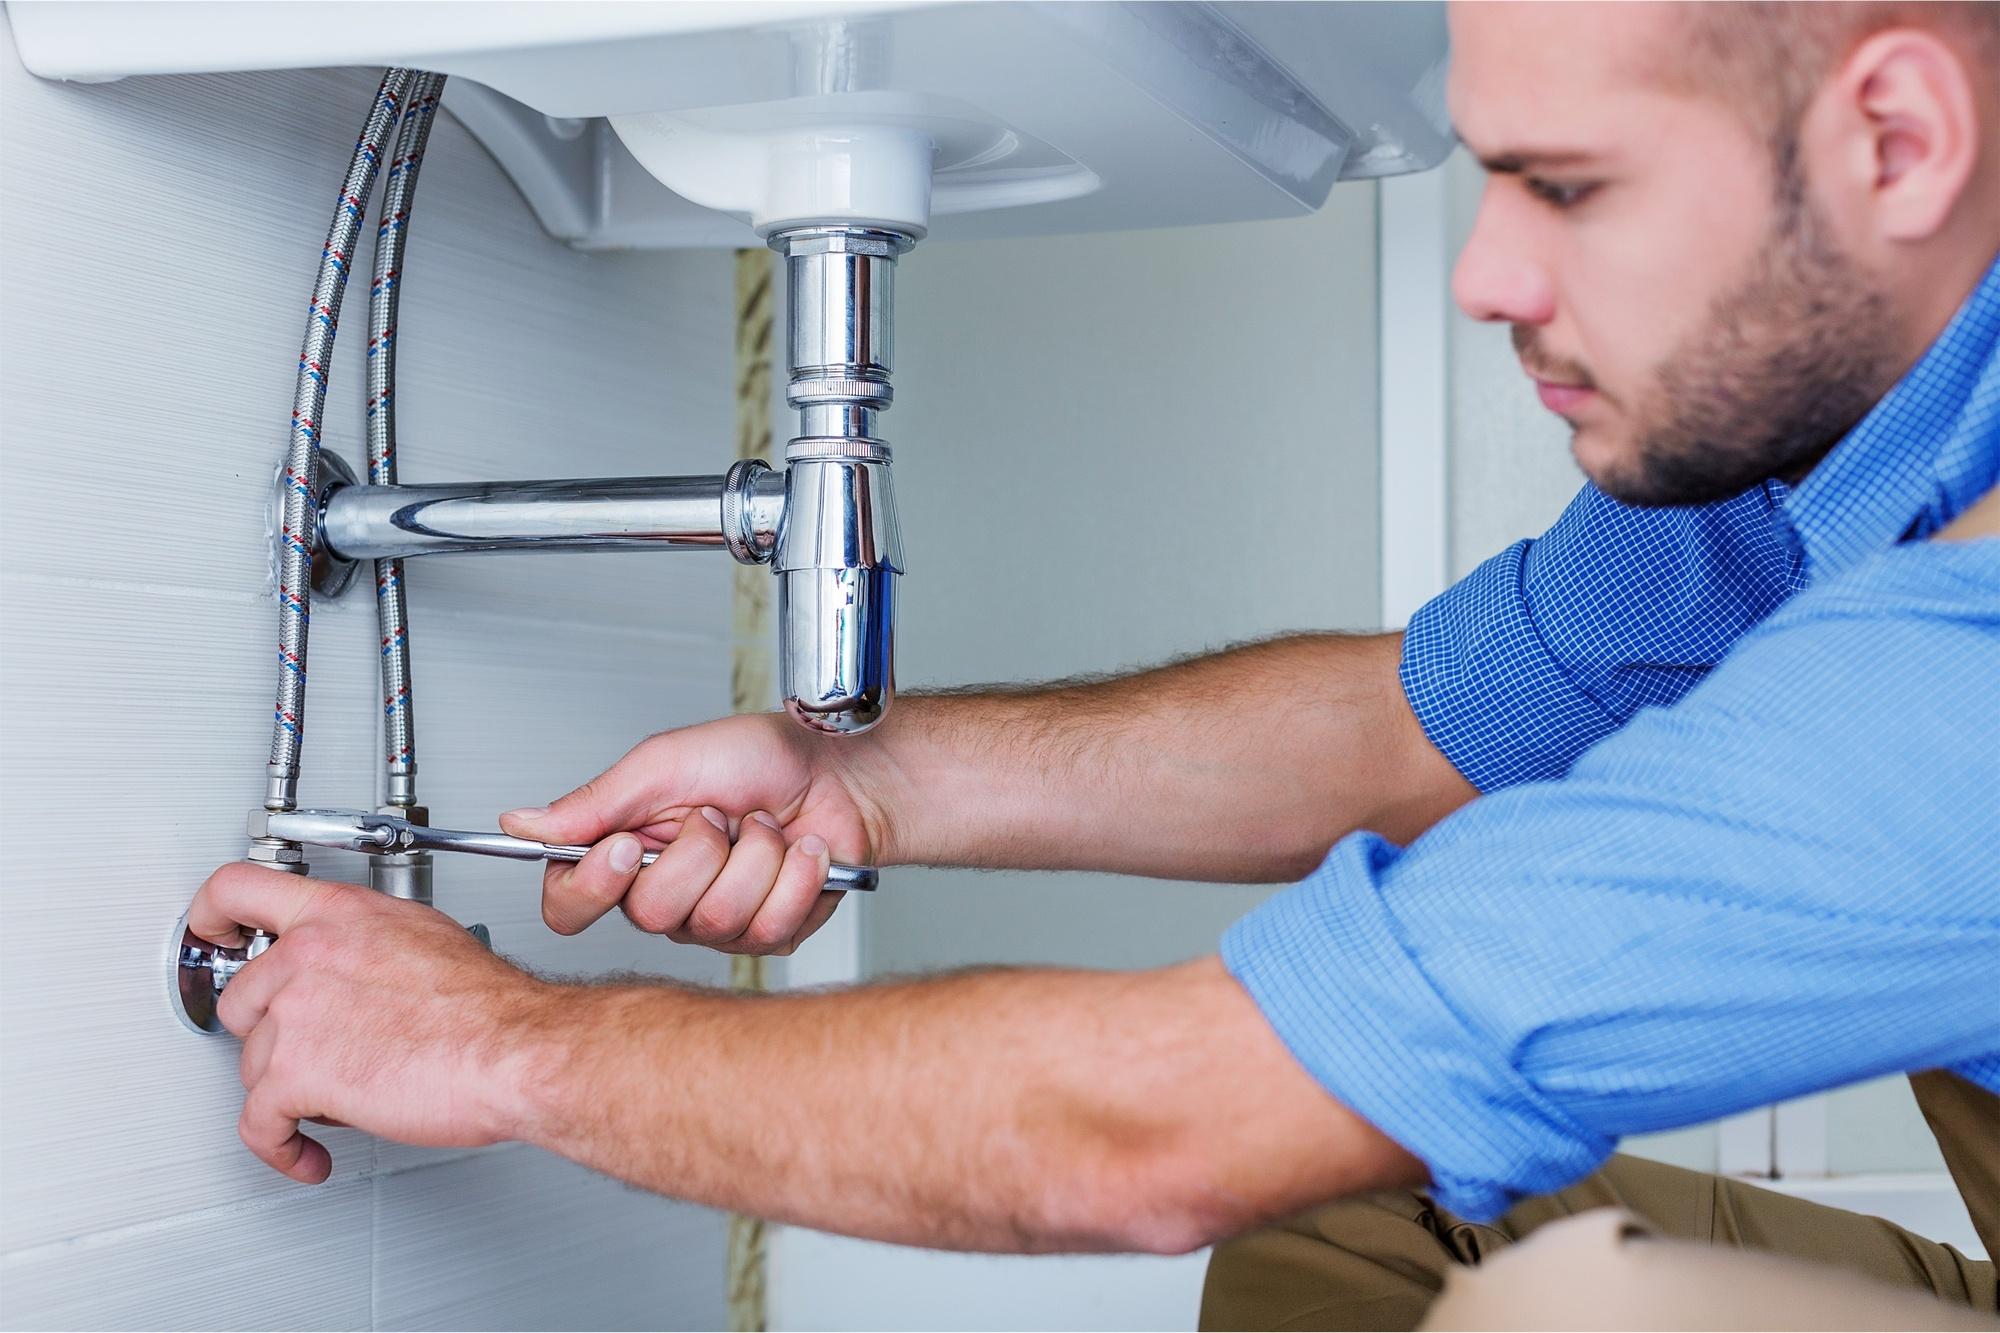 When Hiring a Plumber Makes Sense: 5 Jobs to Never DIY